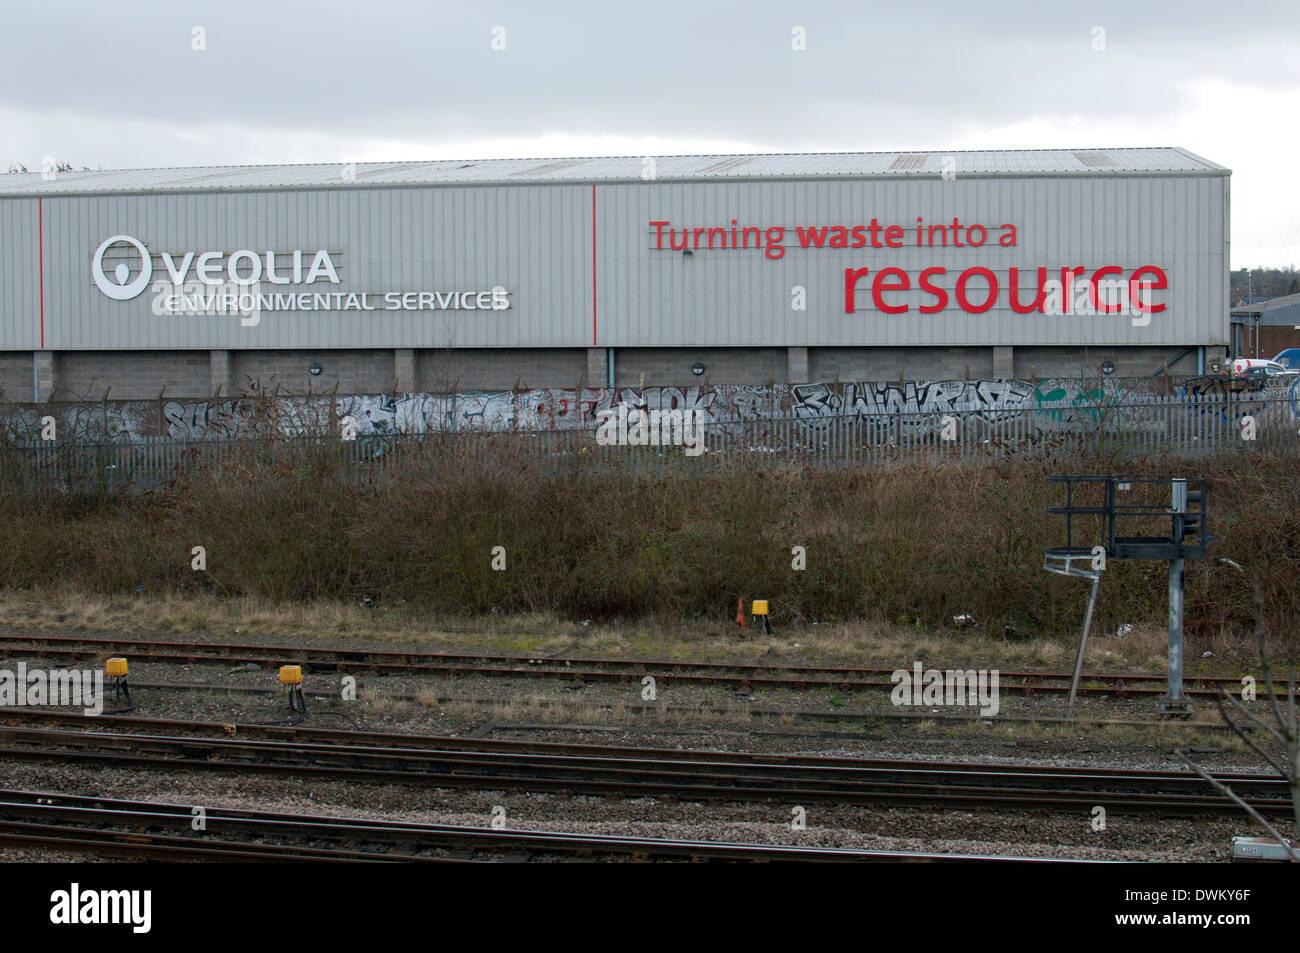 Veolia planta de gestión de residuos, Tyseley, Birmingham, Reino Unido Imagen De Stock